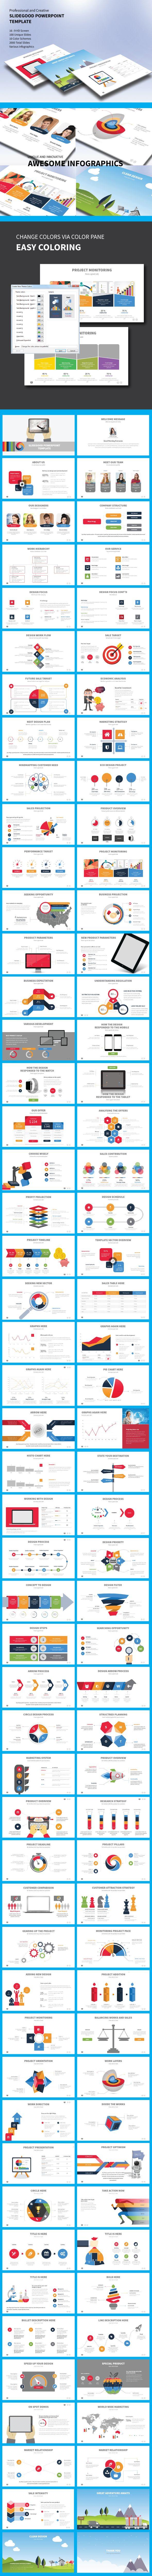 SlideGood Powerpoint Template (PowerPoint Templates)